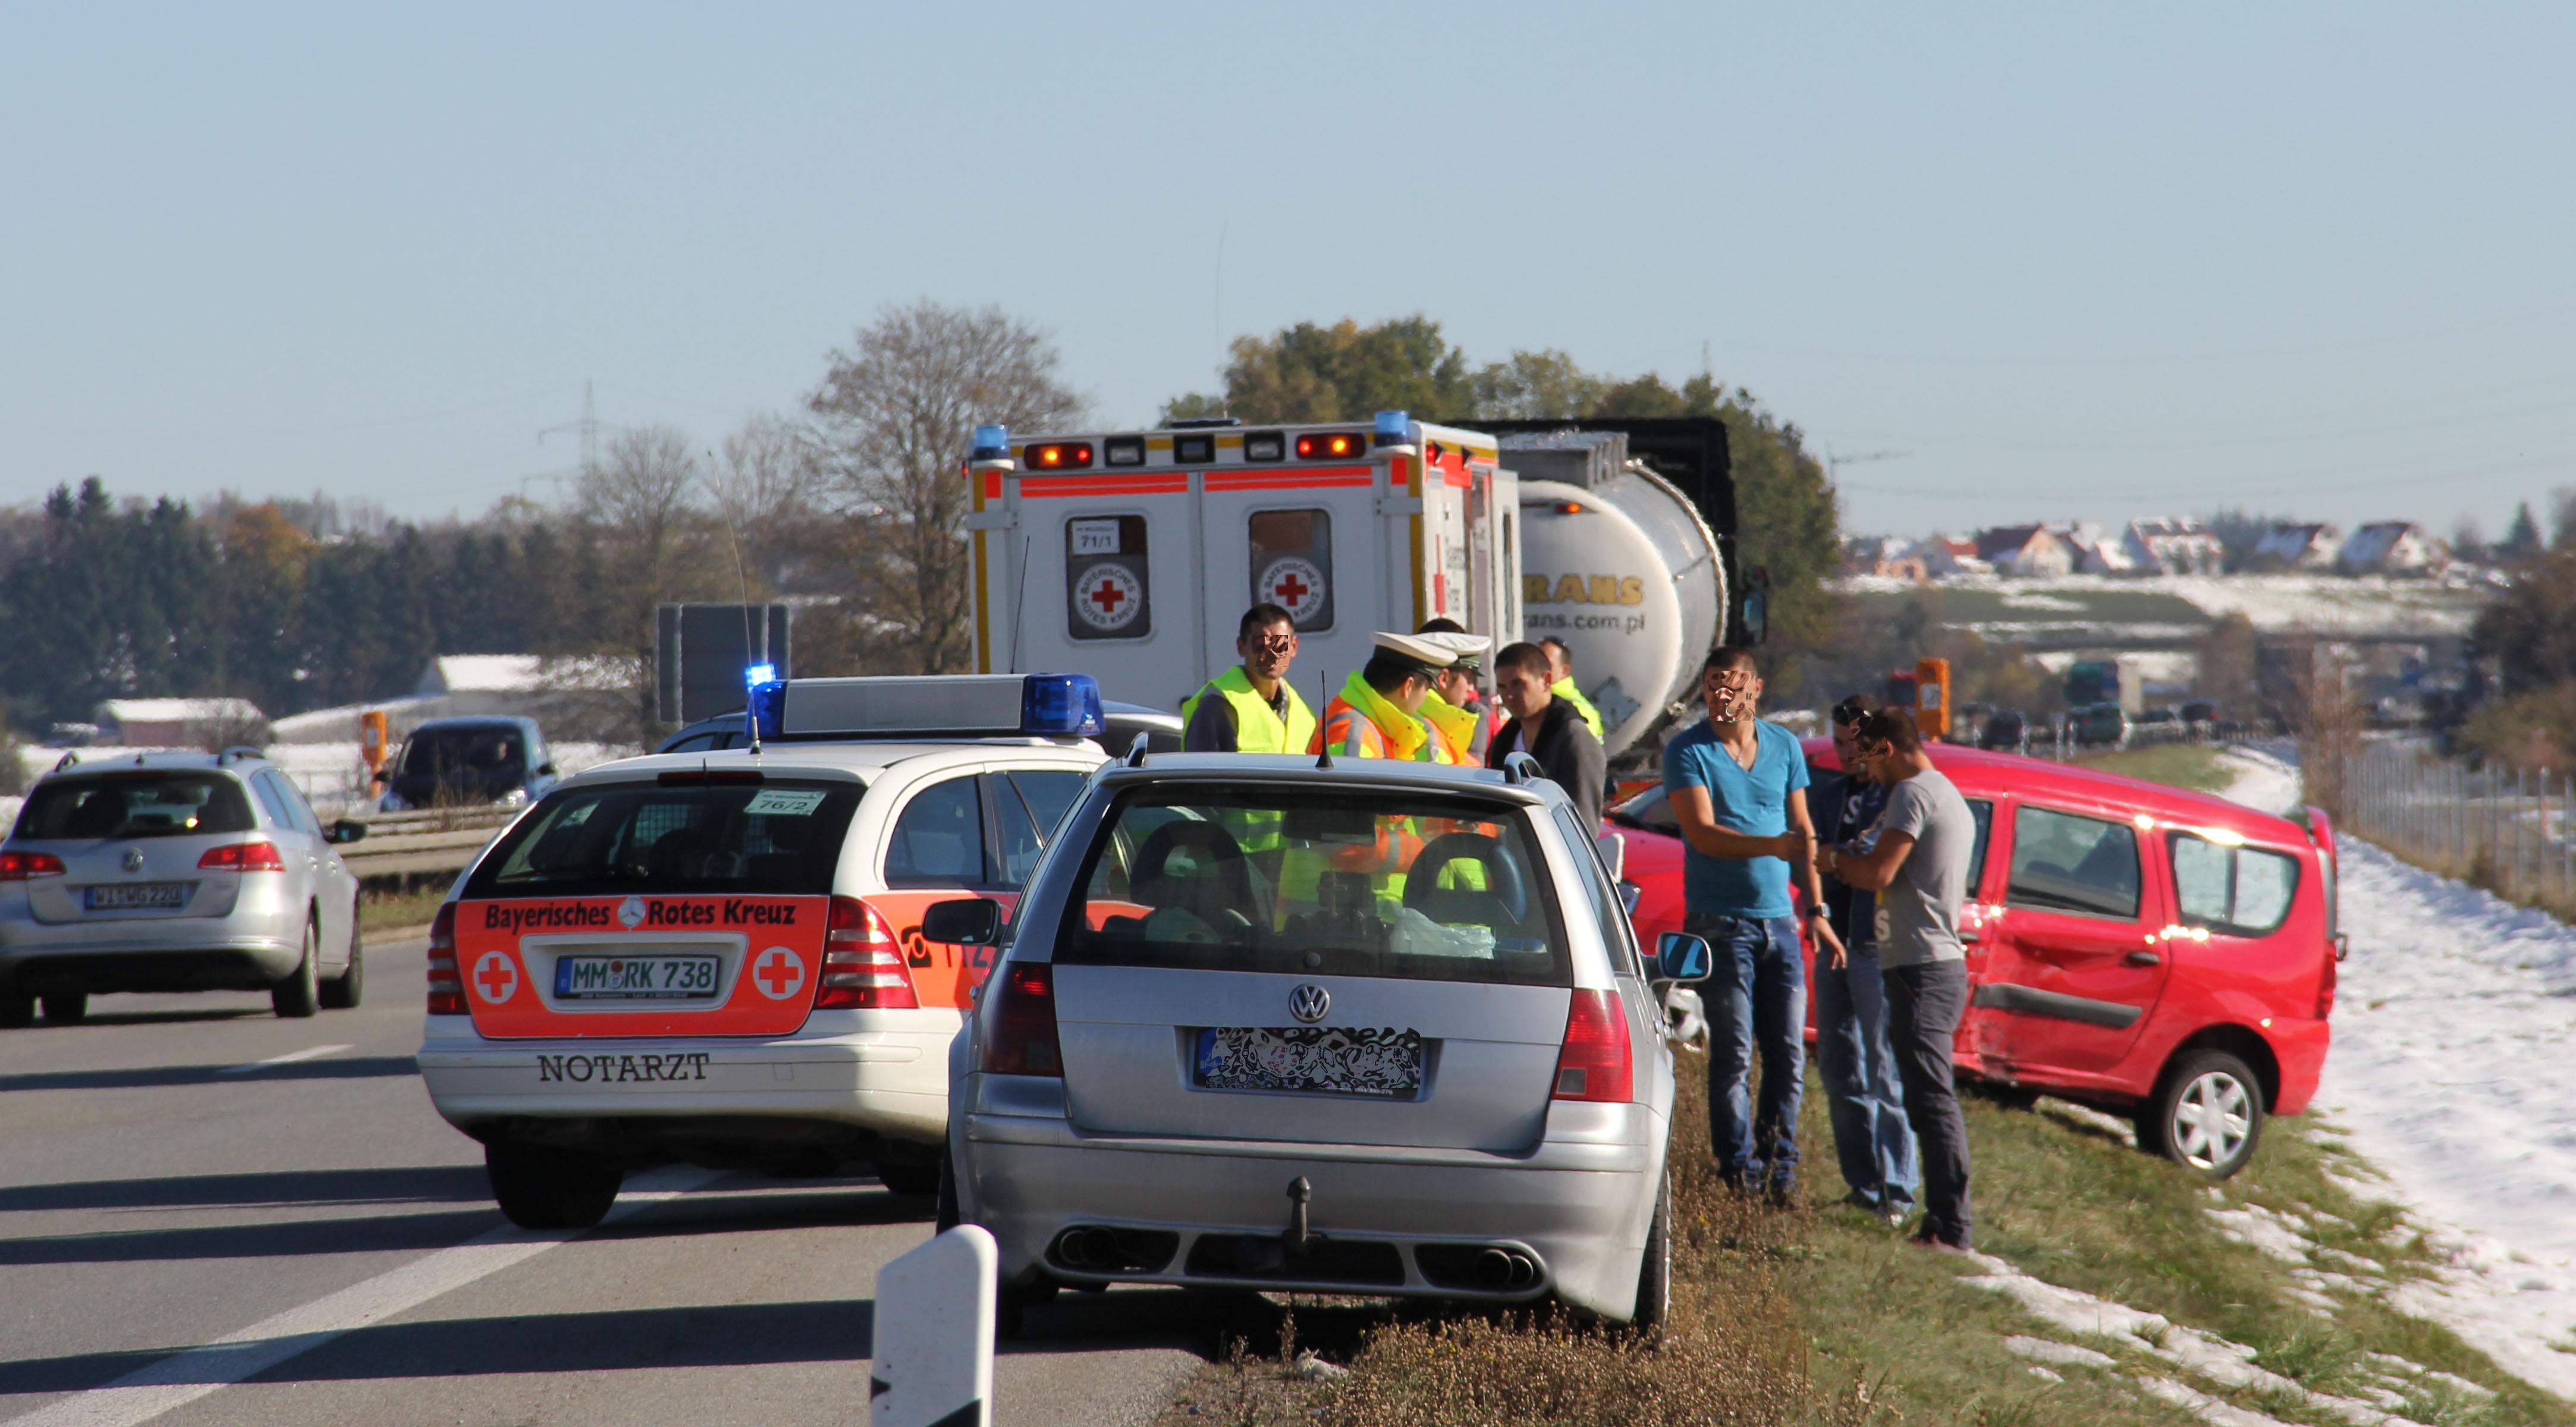 31-10-2012 bab-a96 buchloe vu new-facts-eu